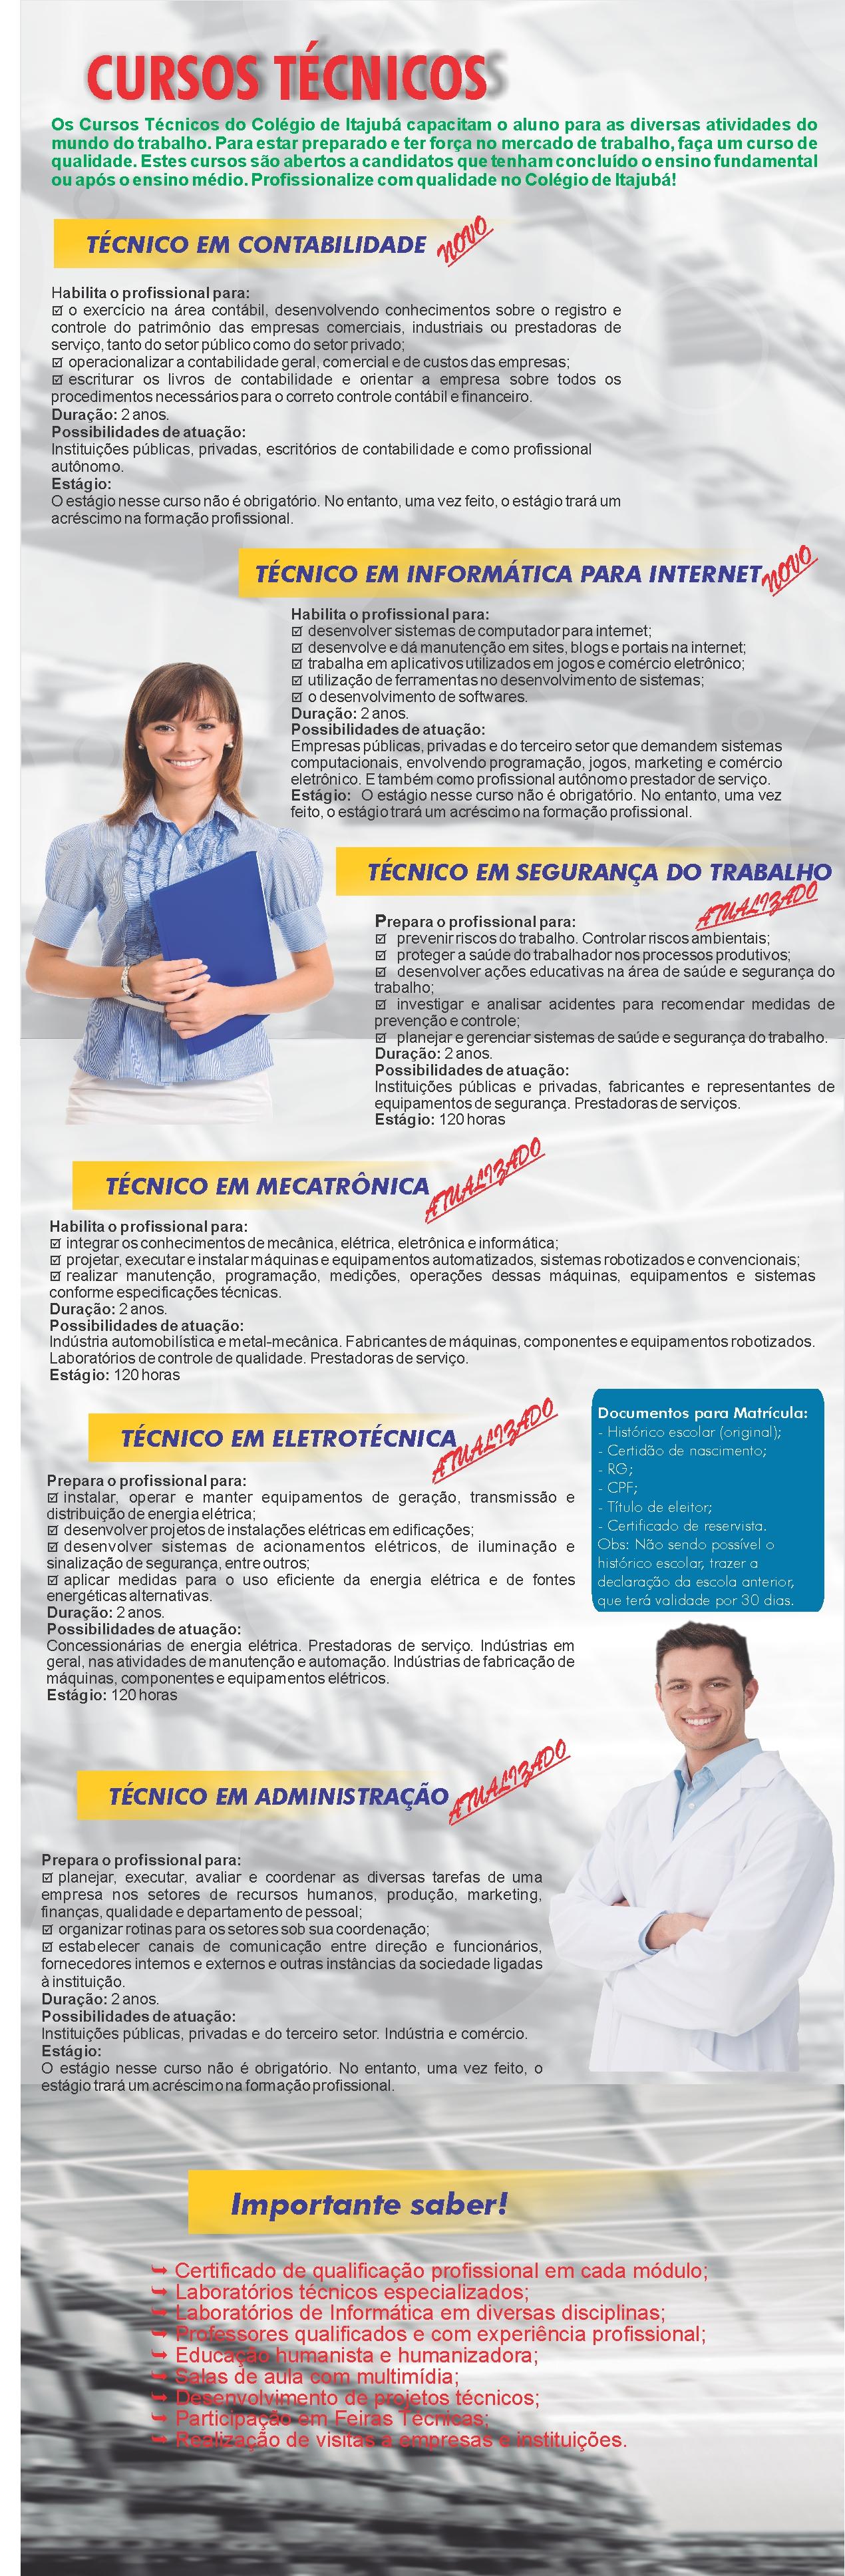 Conteudo_Site_1b